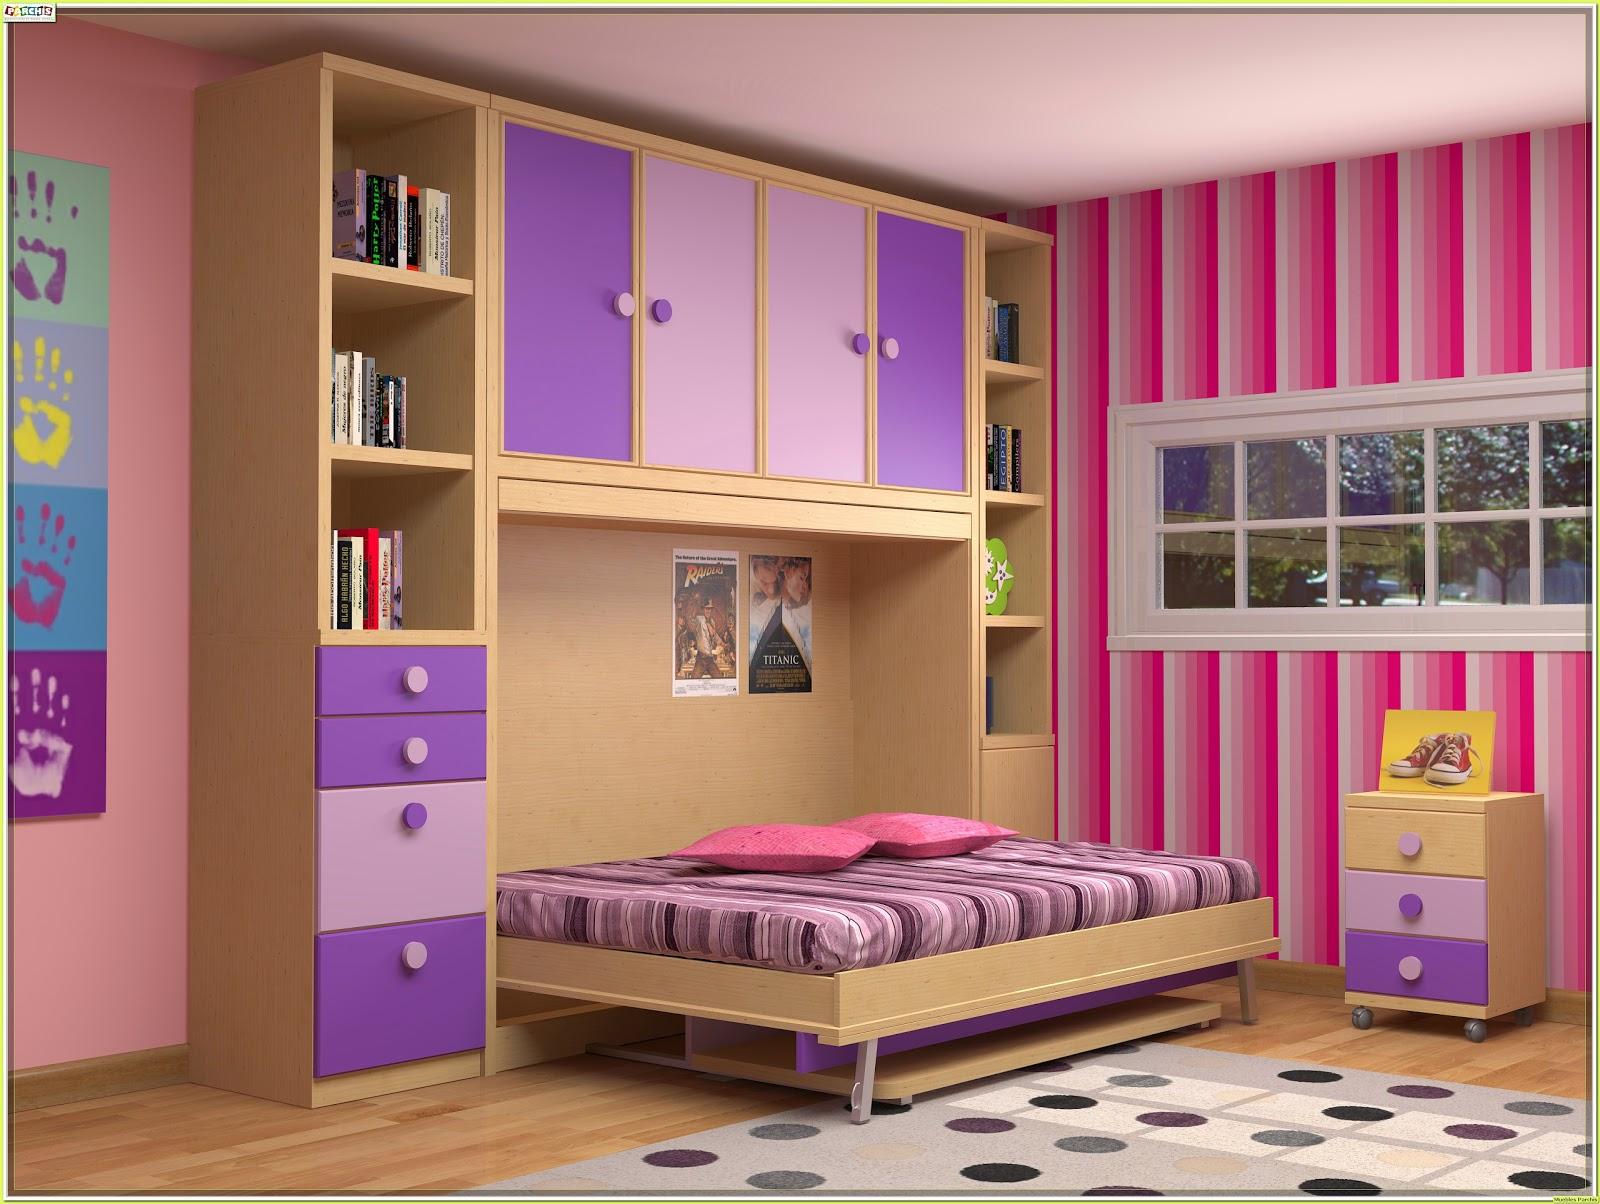 Cama mesa abatible camas autoportantes camas abatibles - Habitaciones camas abatibles ...